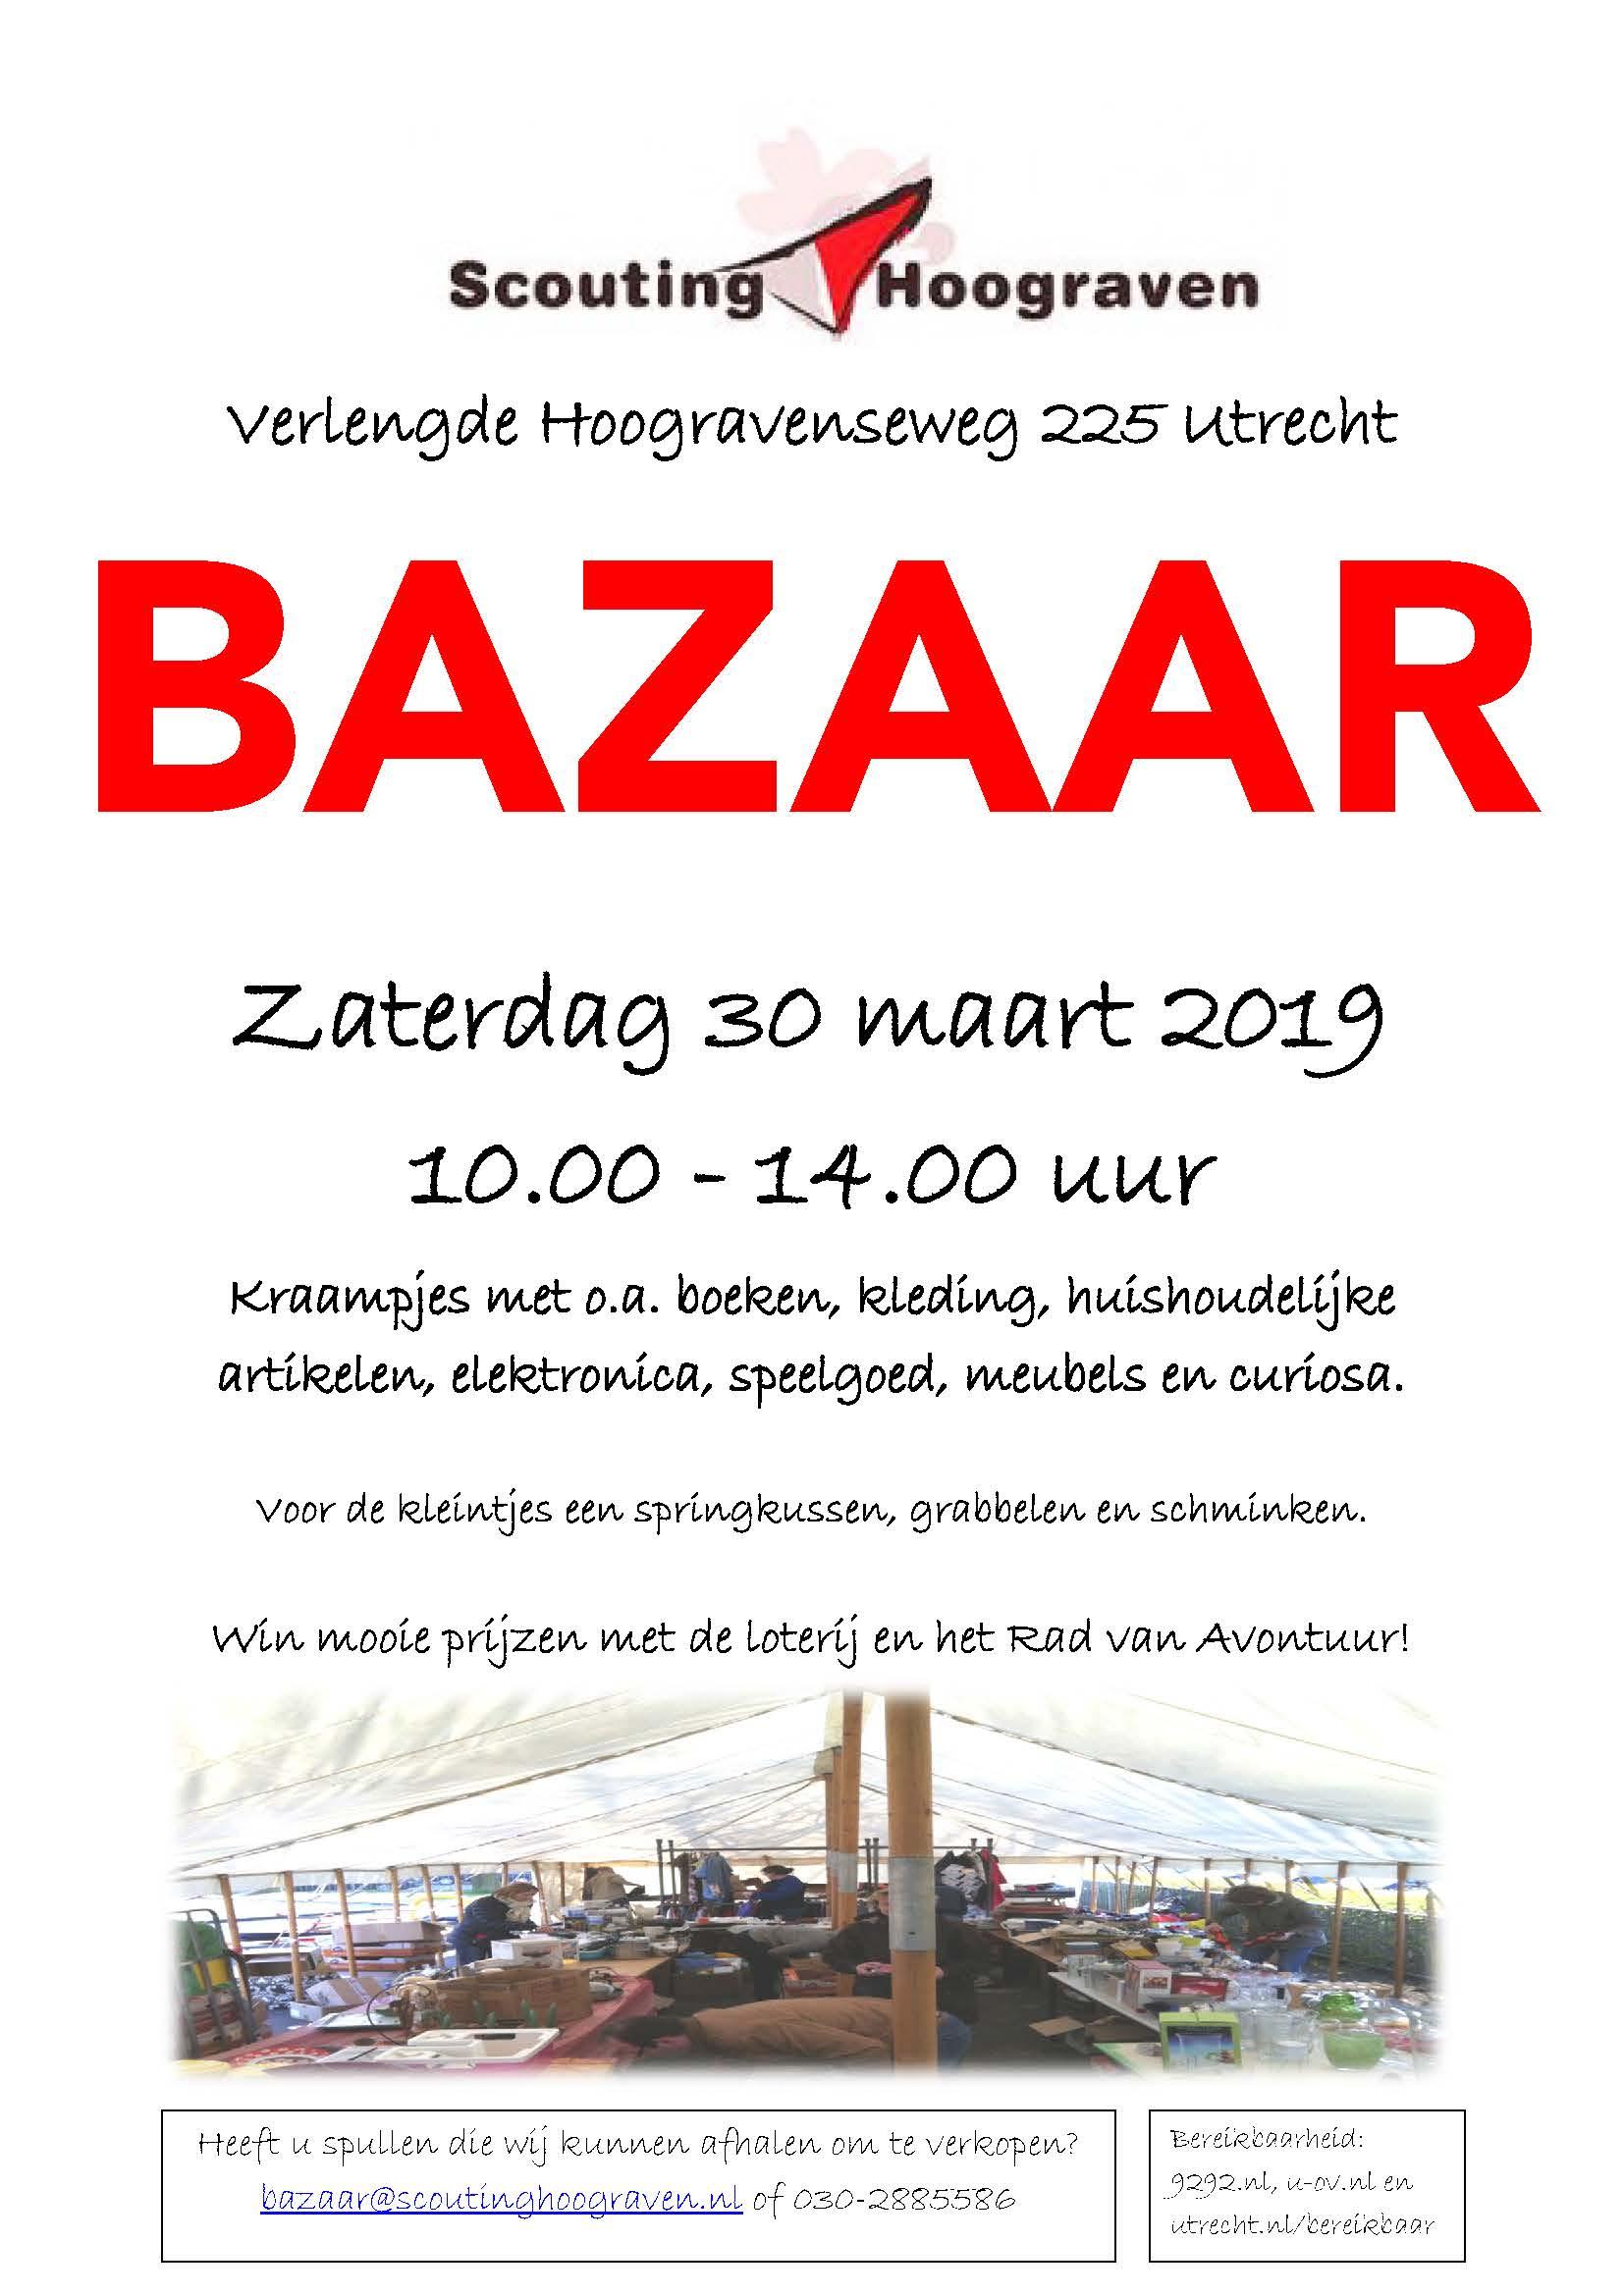 Bazaar Scouting Hoograven